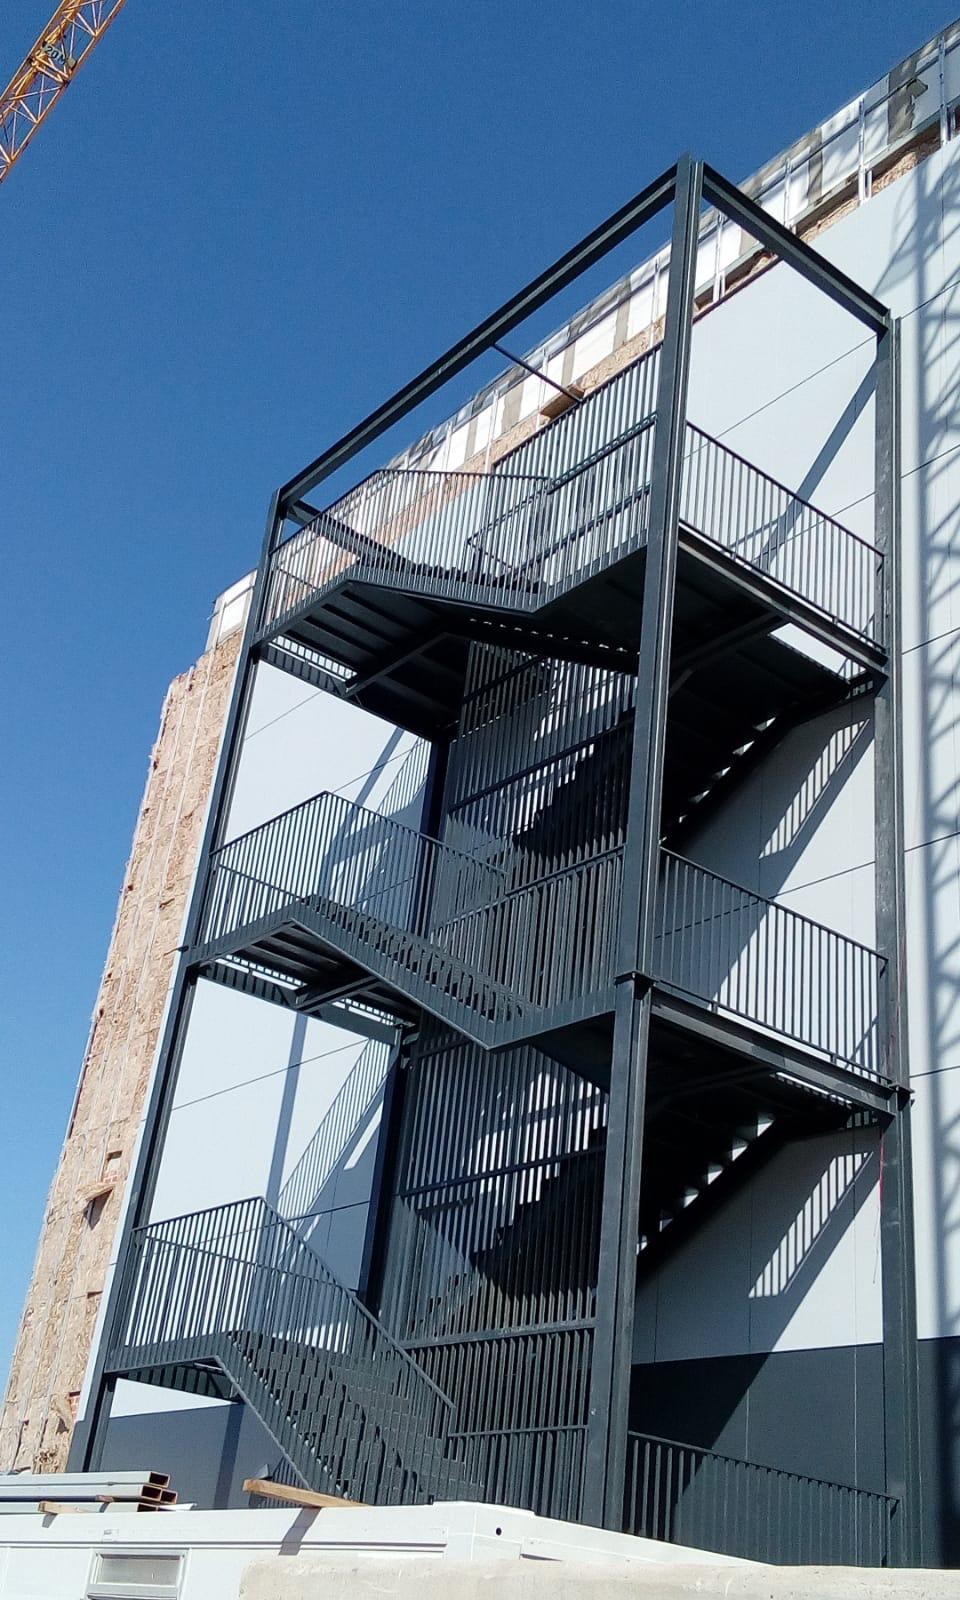 diseño, fabricacion y montaje de todo tipo de estructuras metalicas